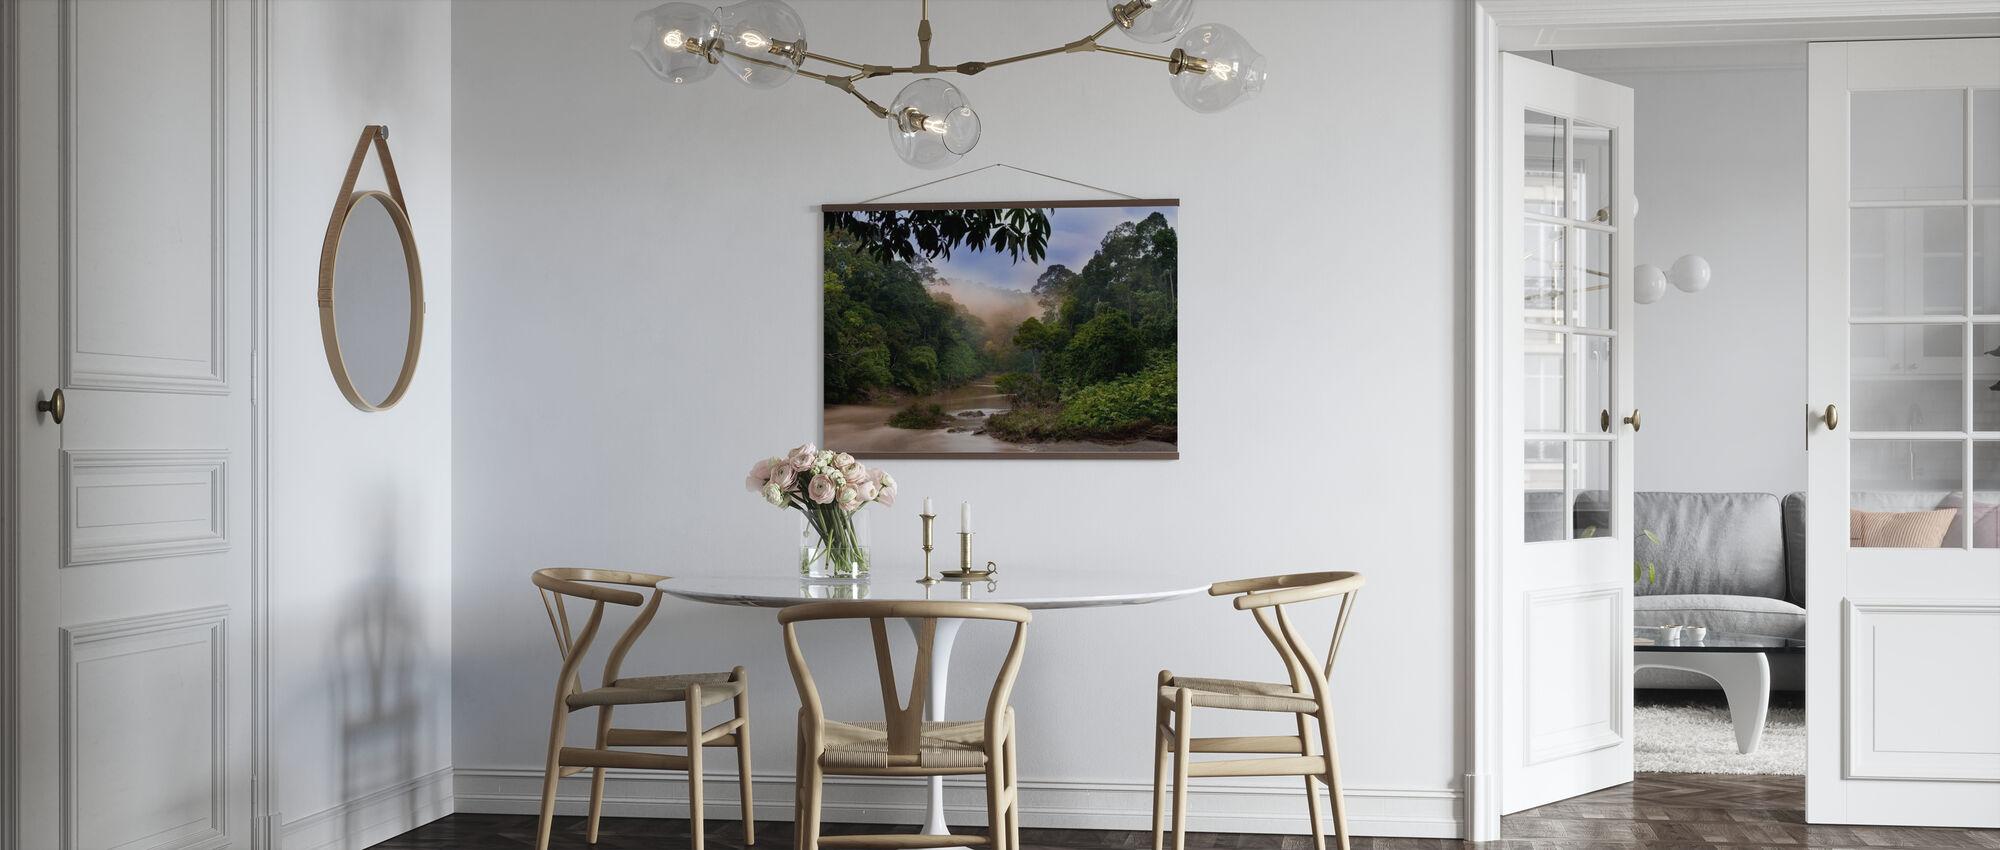 Segama River and Rainforest - Poster - Kitchen